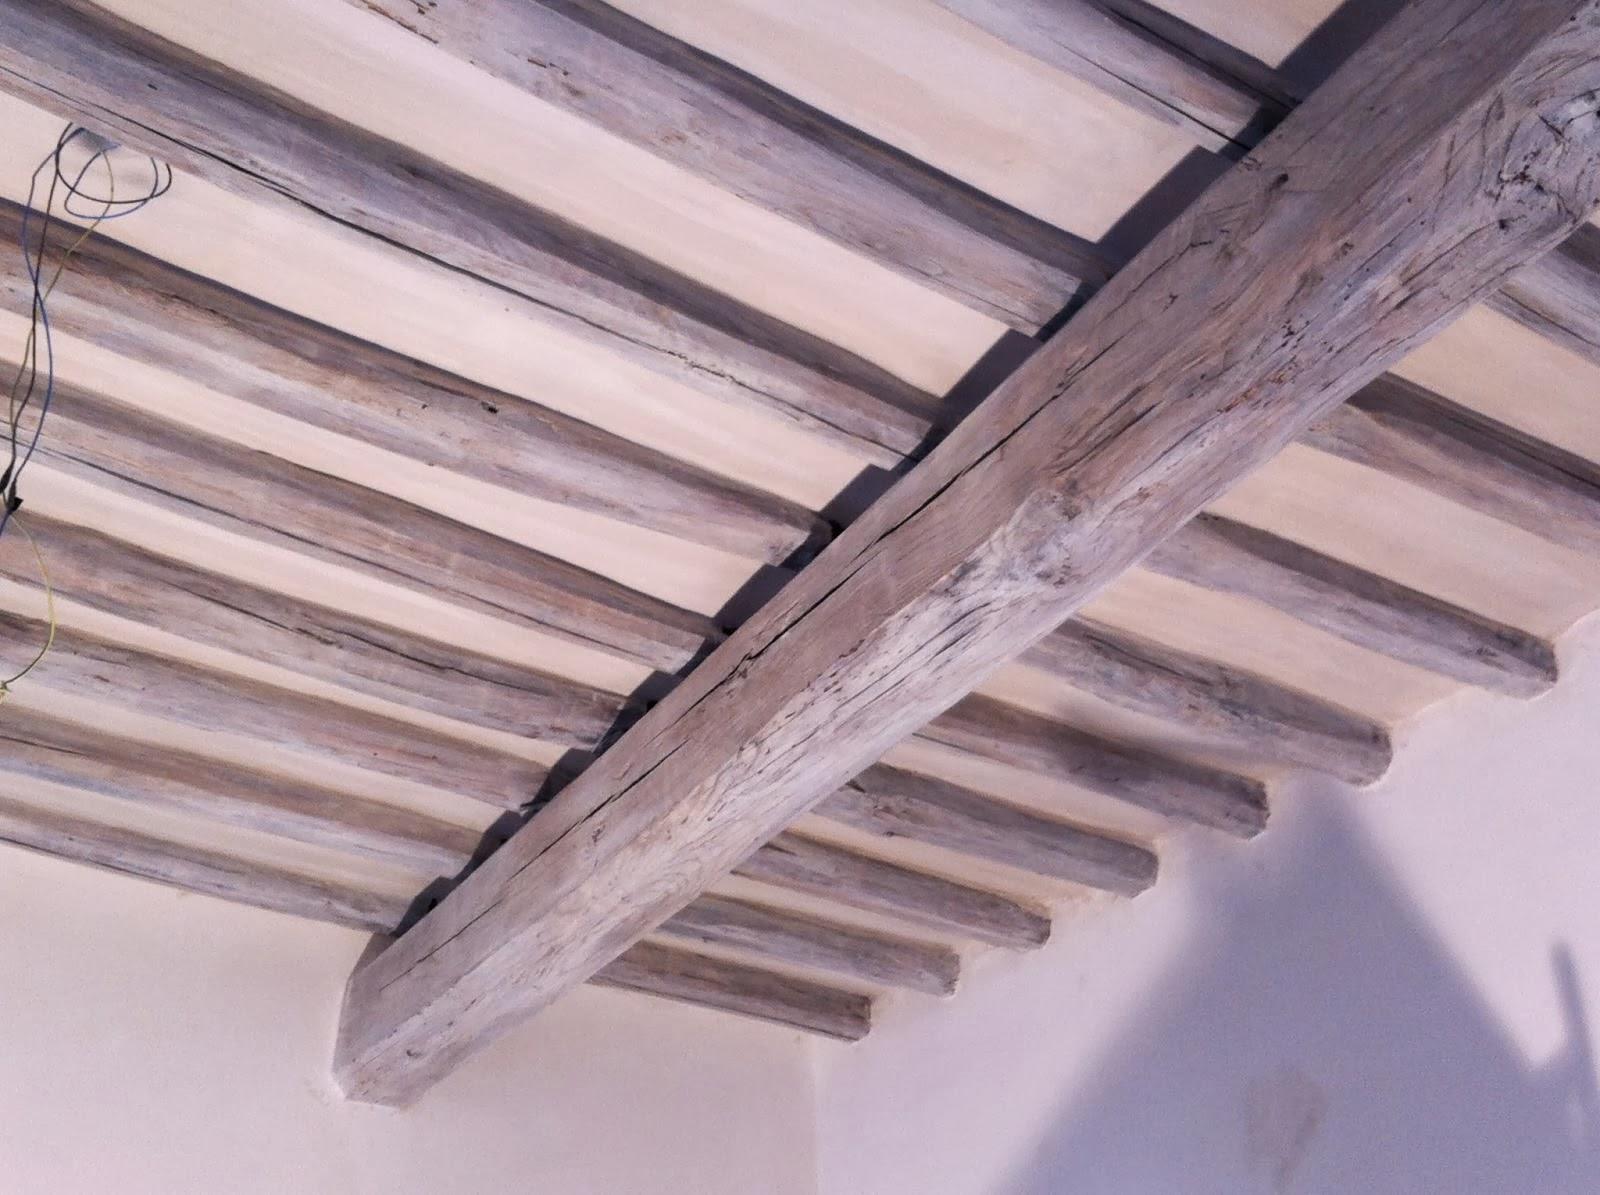 Faretti Per Travi Di Legno: Soffitto con travi in legno bianco: come pulire l...